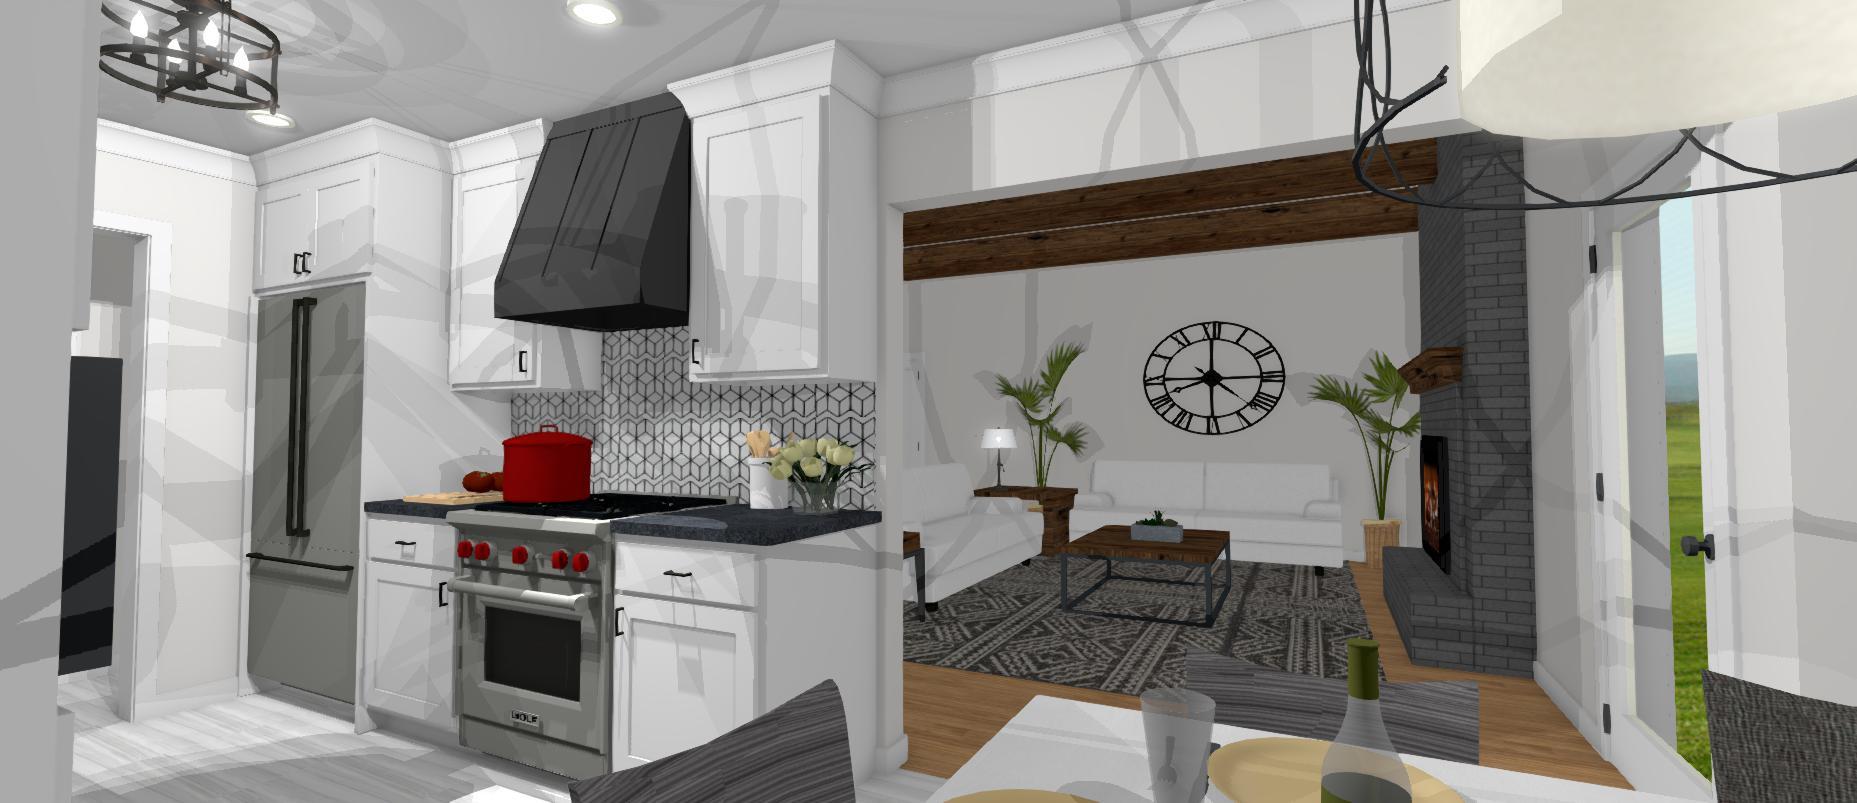 Christmas Kitchen Remodel Renderings